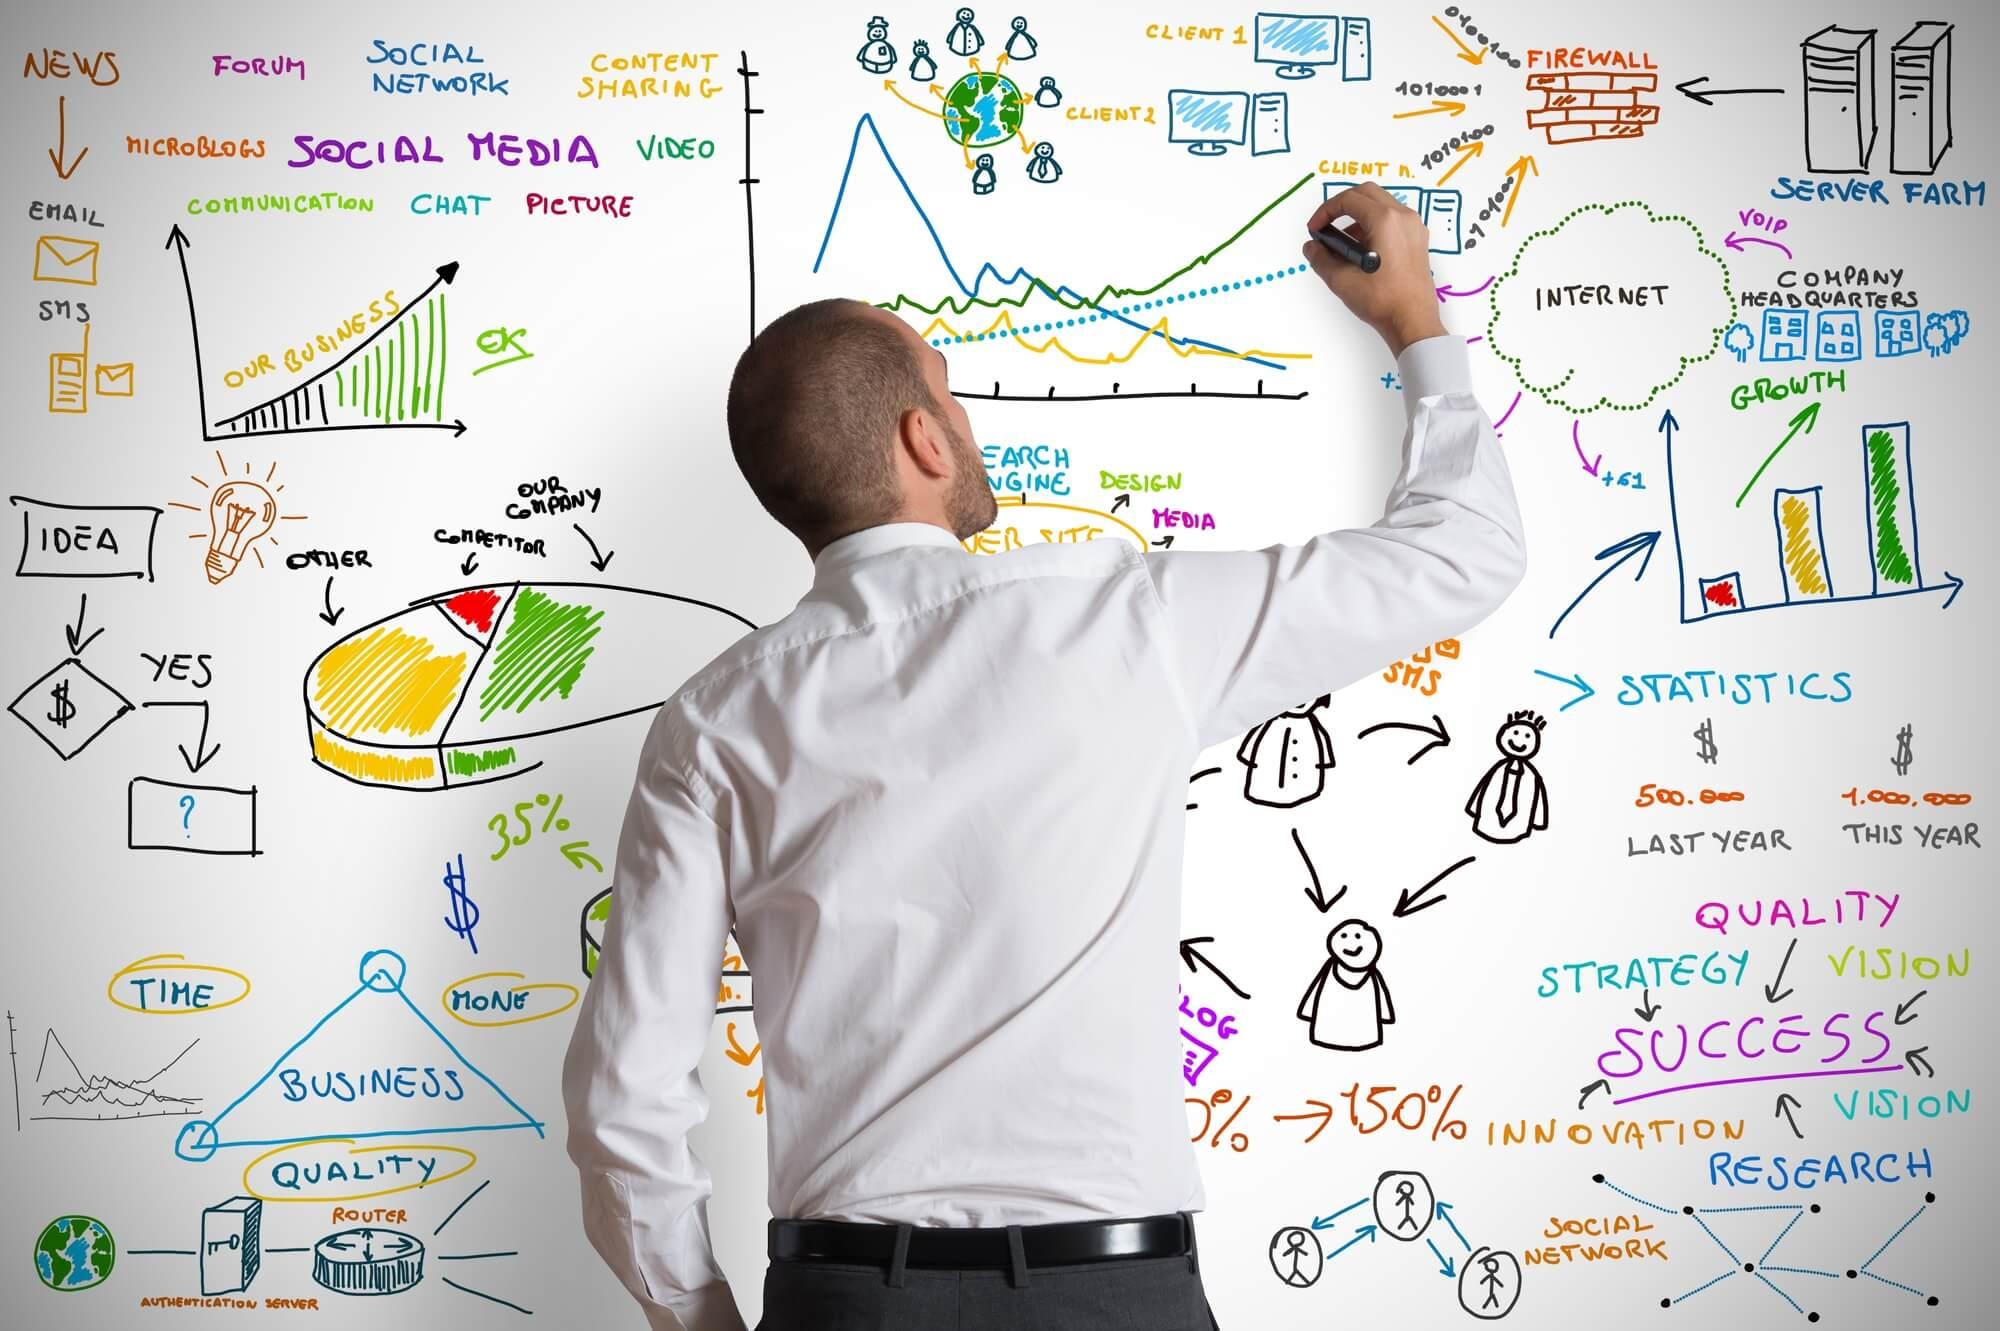 حقیق و توسعه ارتباط تنگاتنگی با نوآوری دارد.